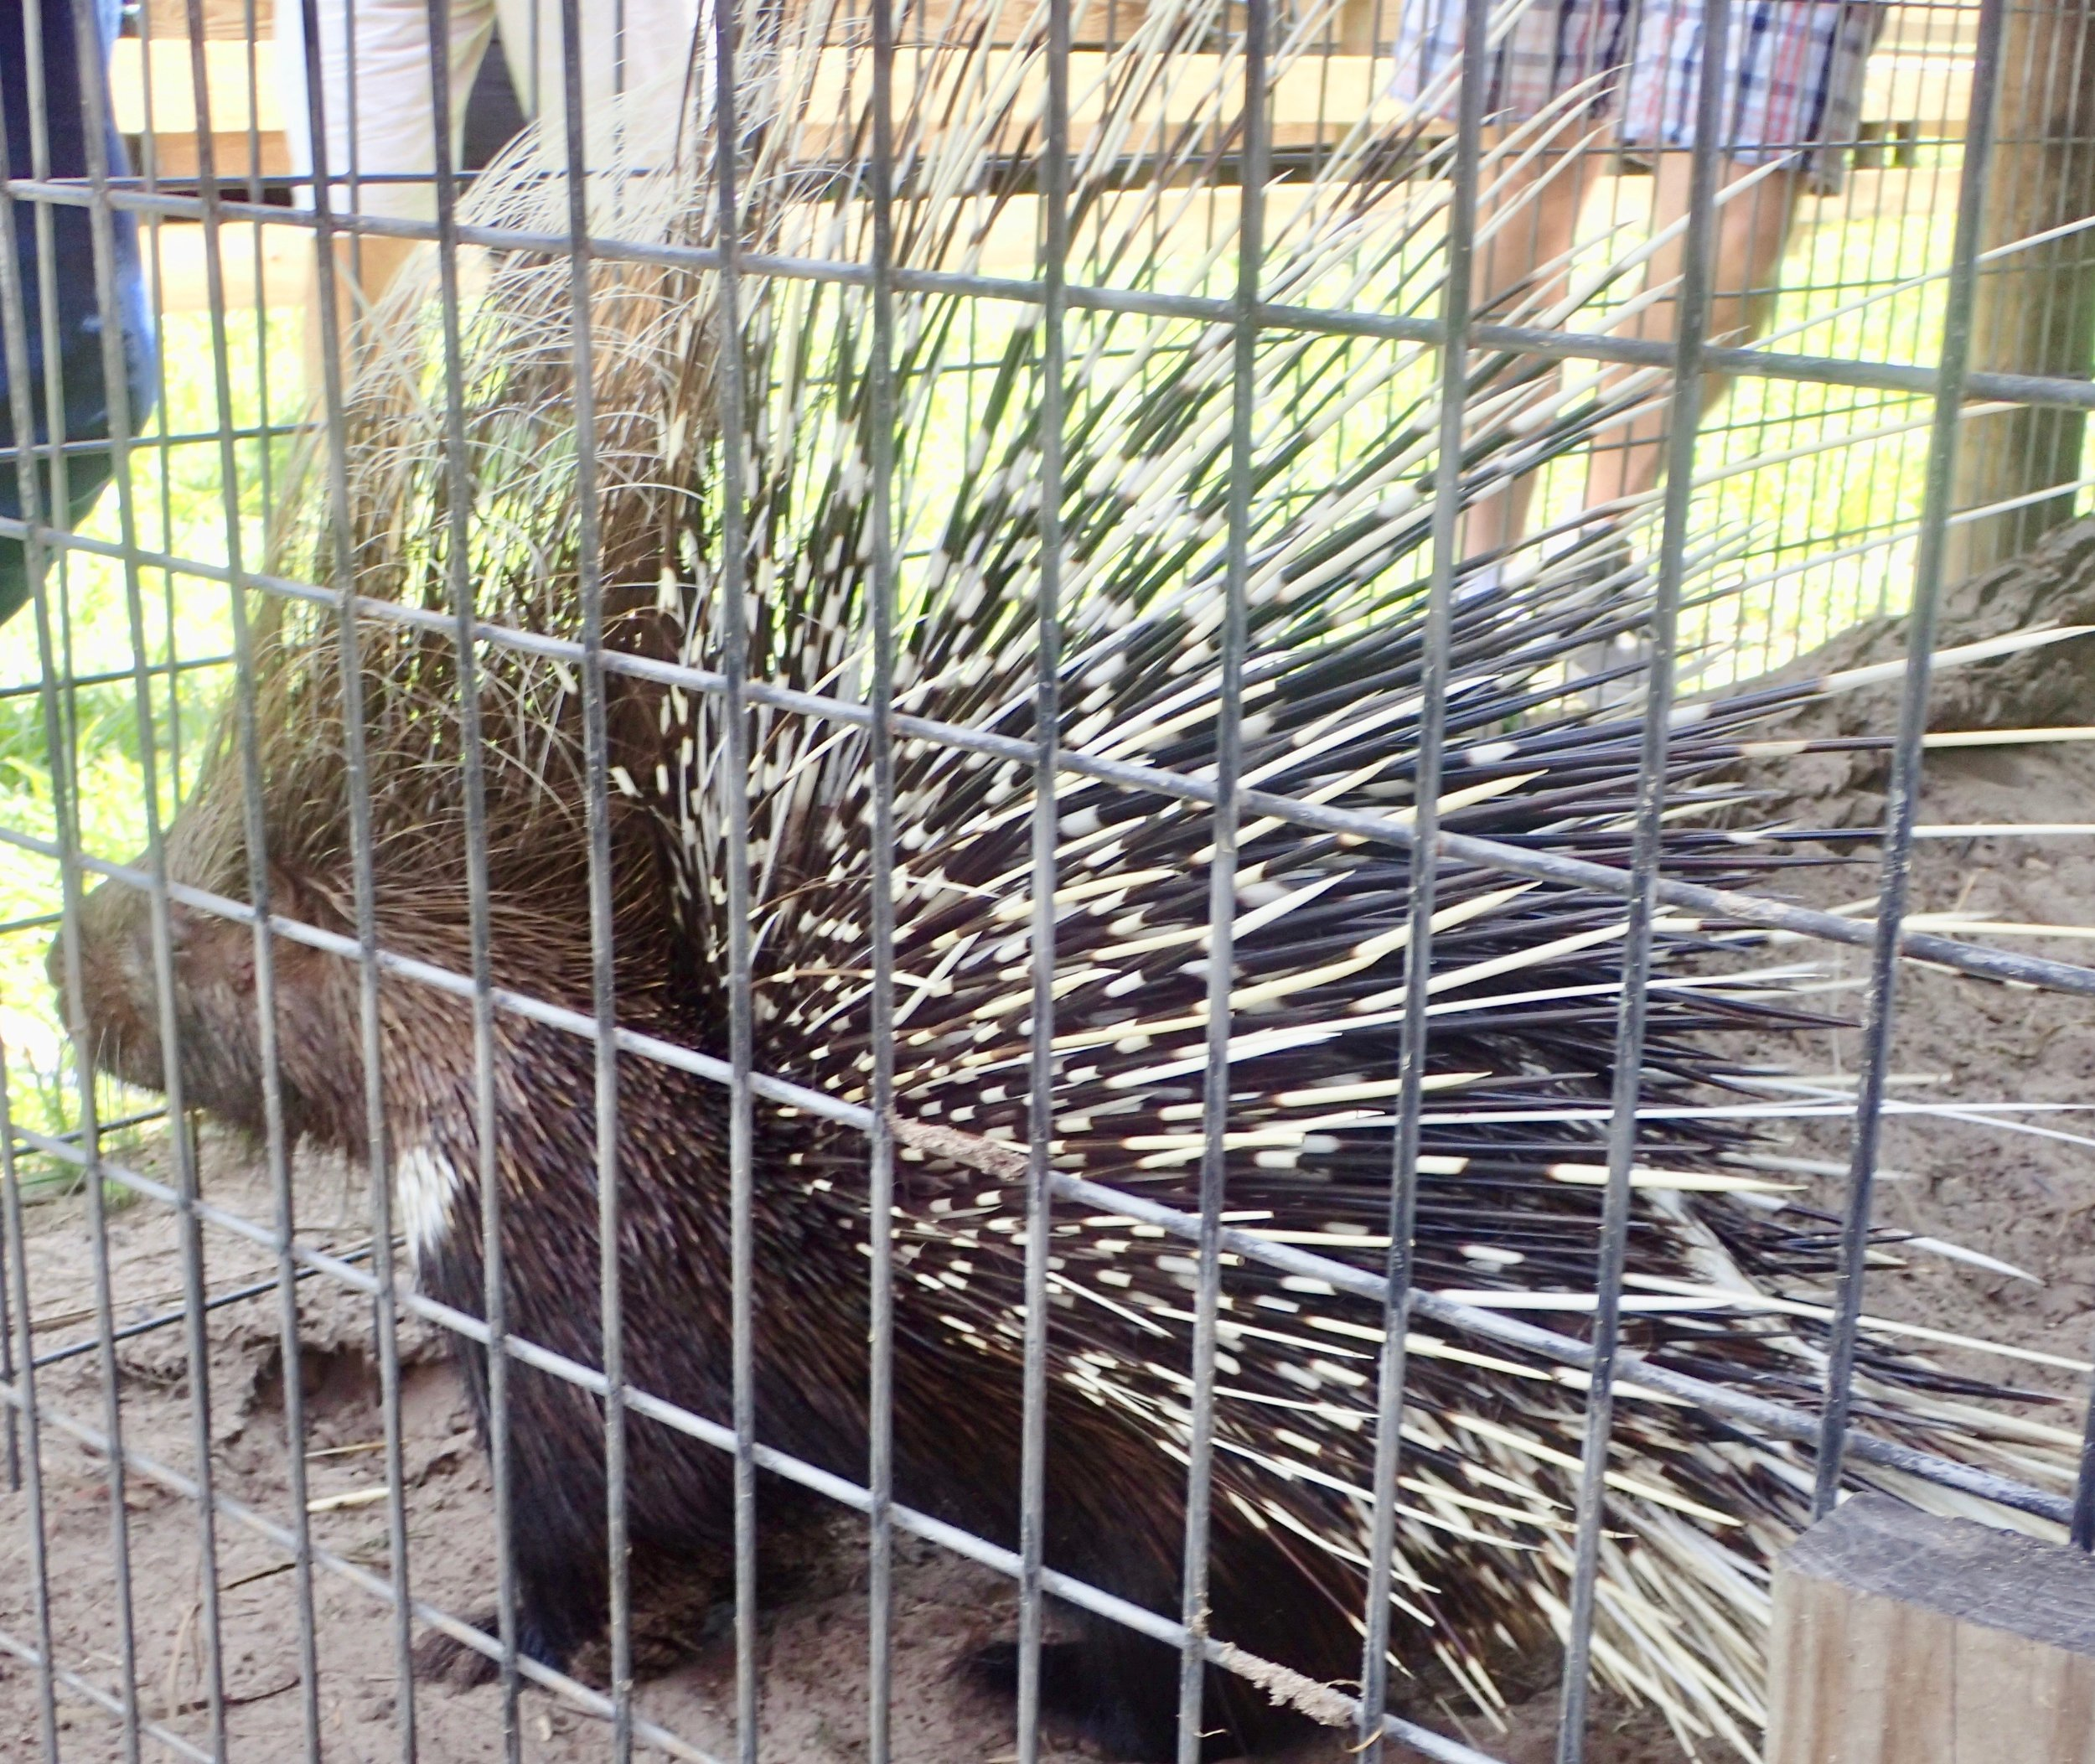 Giraffe Ranch Segway Safari porcupine